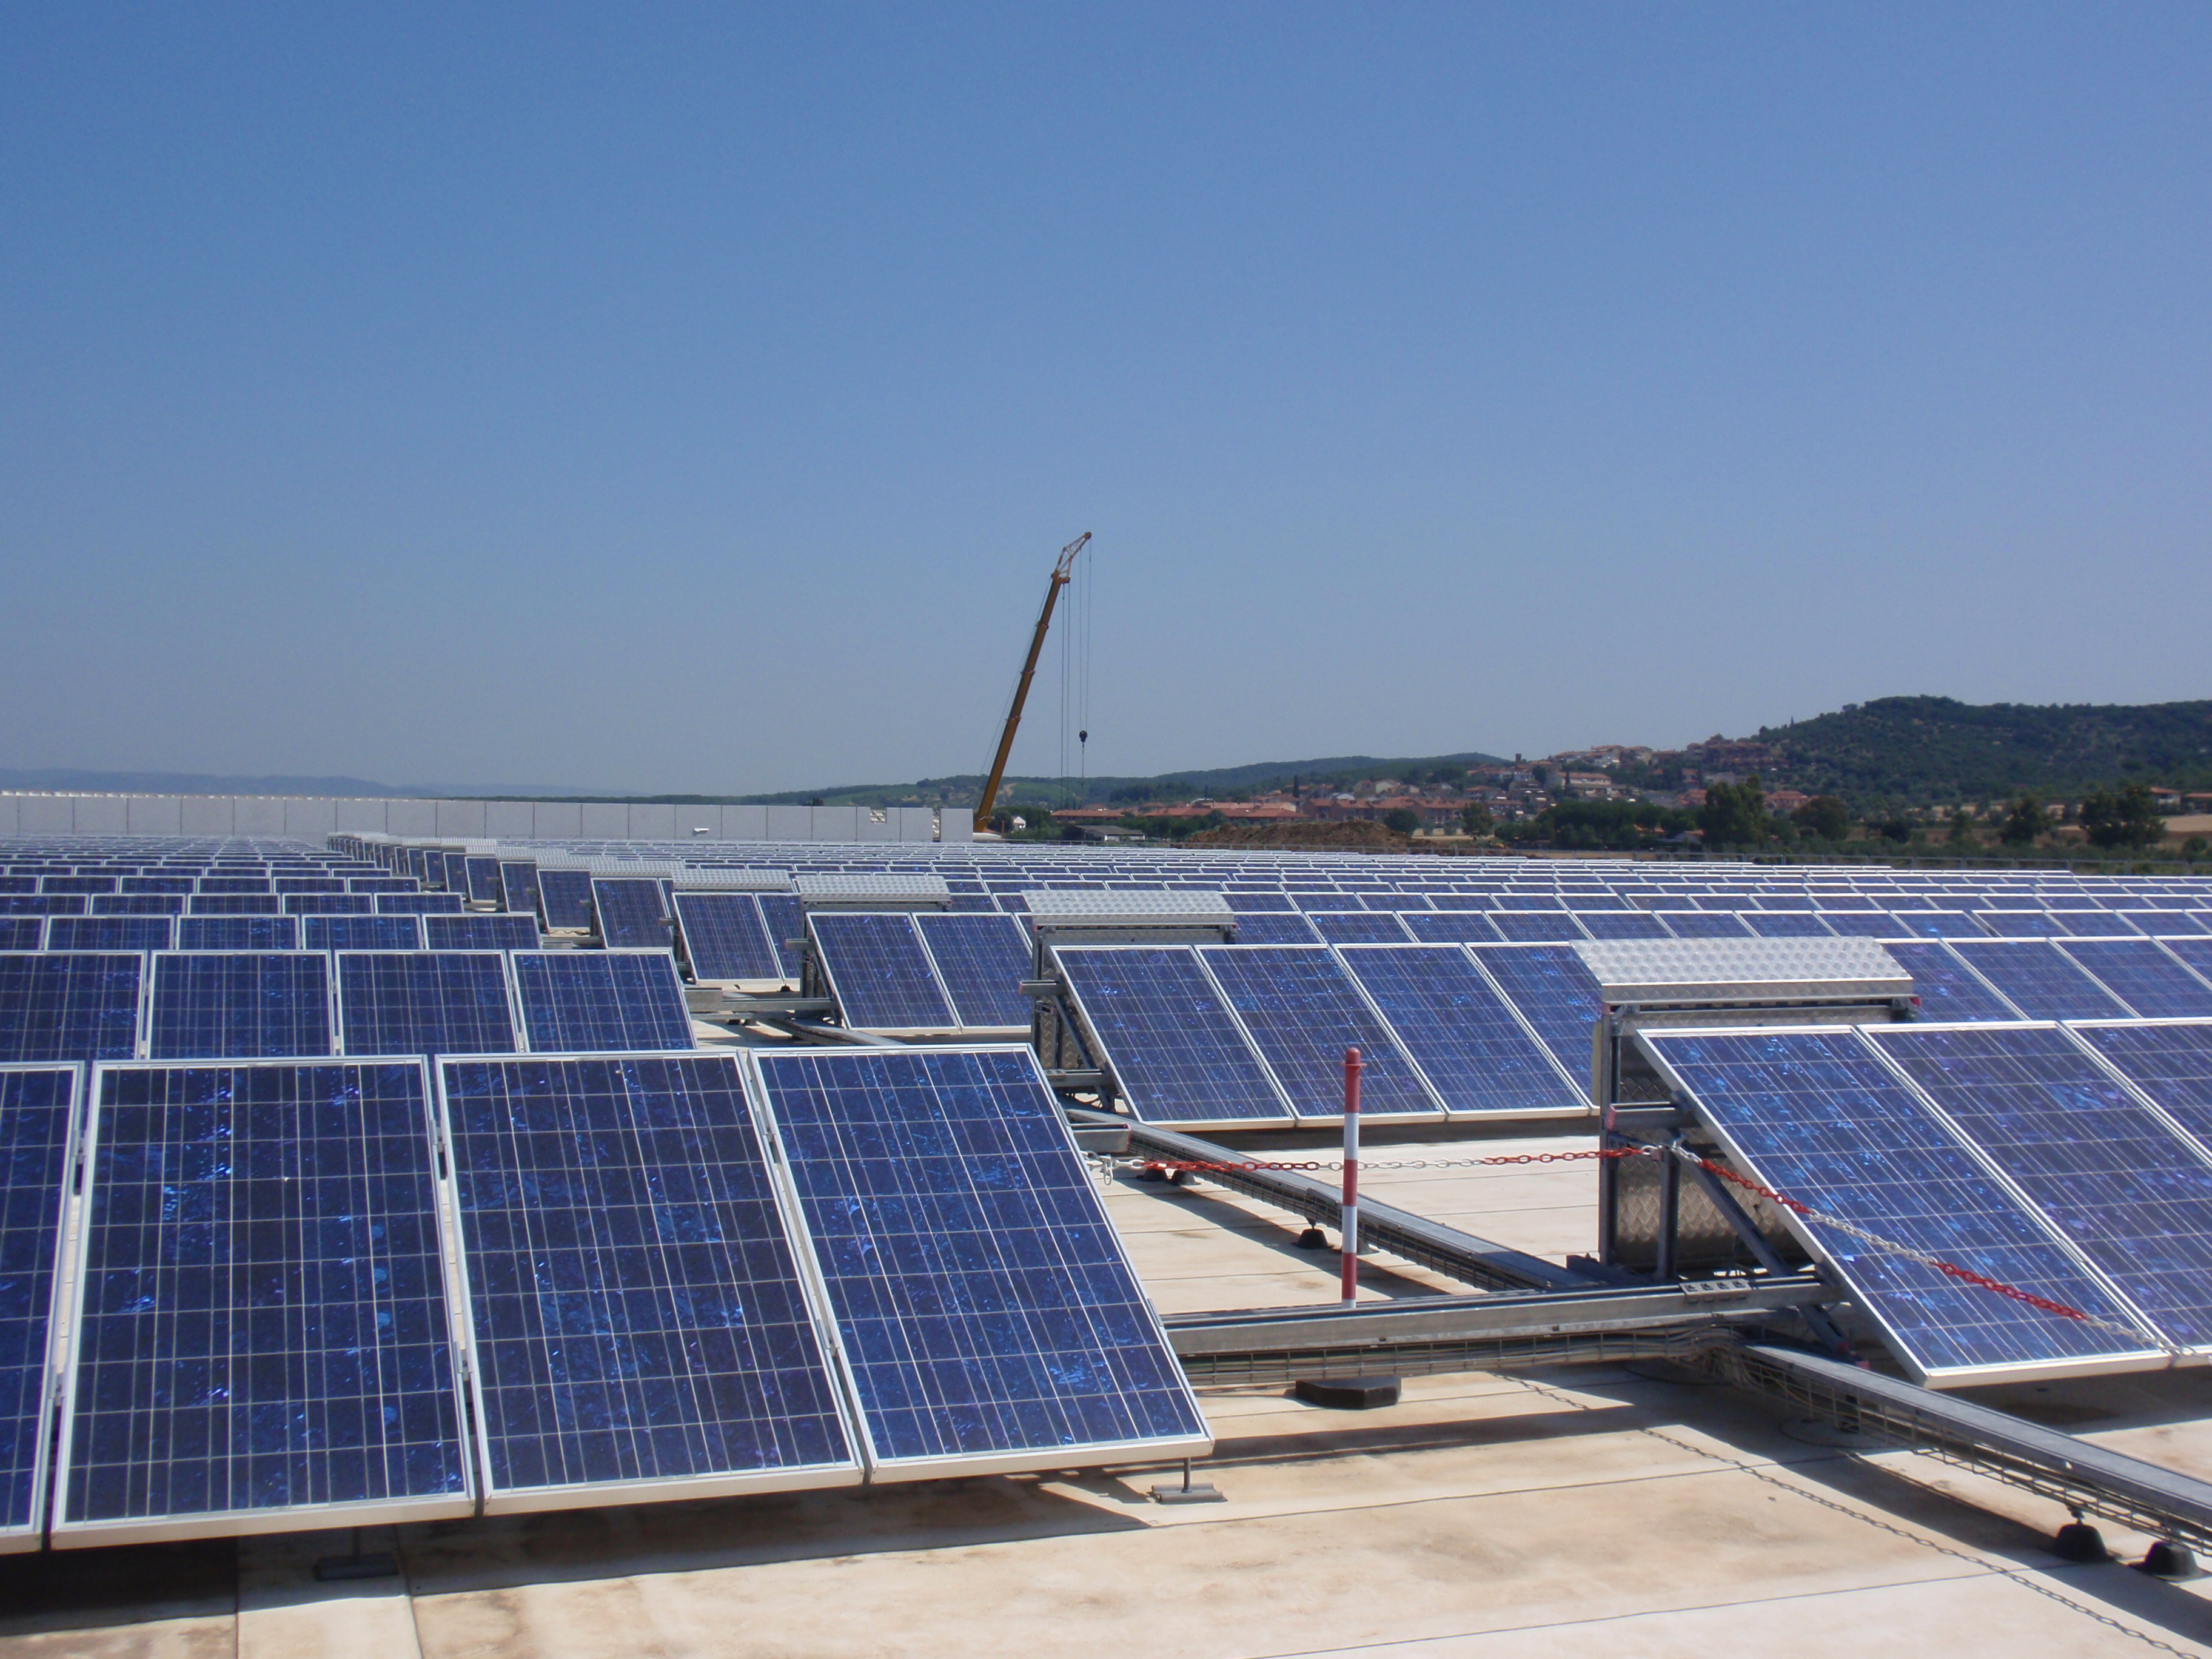 Pannello Solare Fotovoltaico Integrato : File pannelli solari unicoop tirreno g wikimedia commons